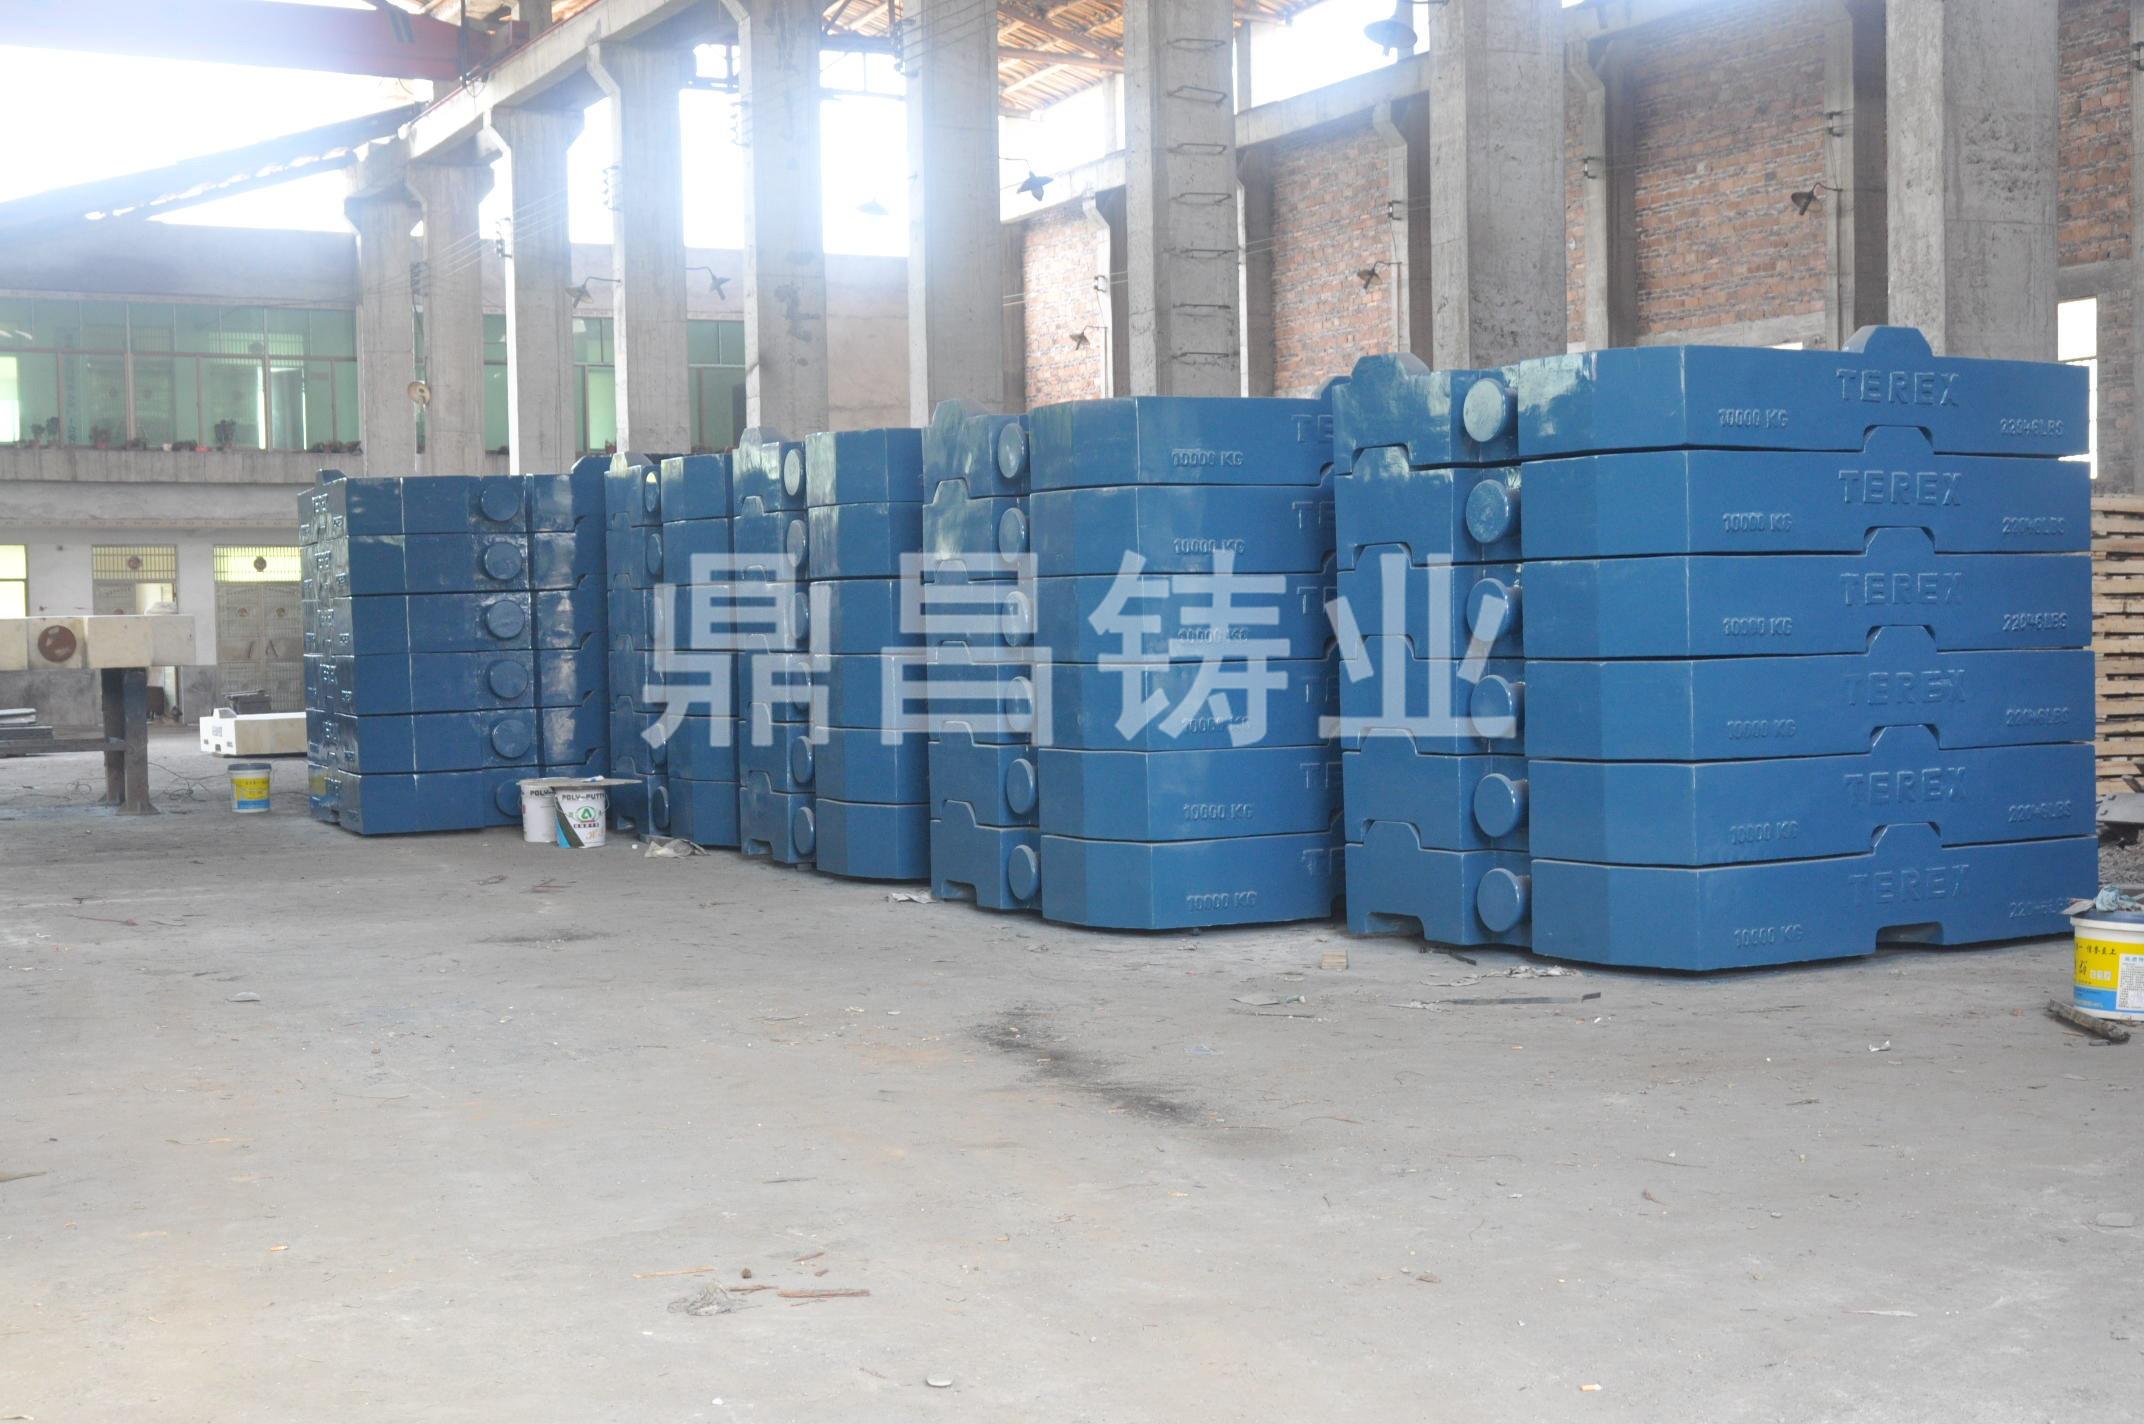 内蒙古配重块-专业的利勃海尔配重铁哪里有找鼎昌铸业